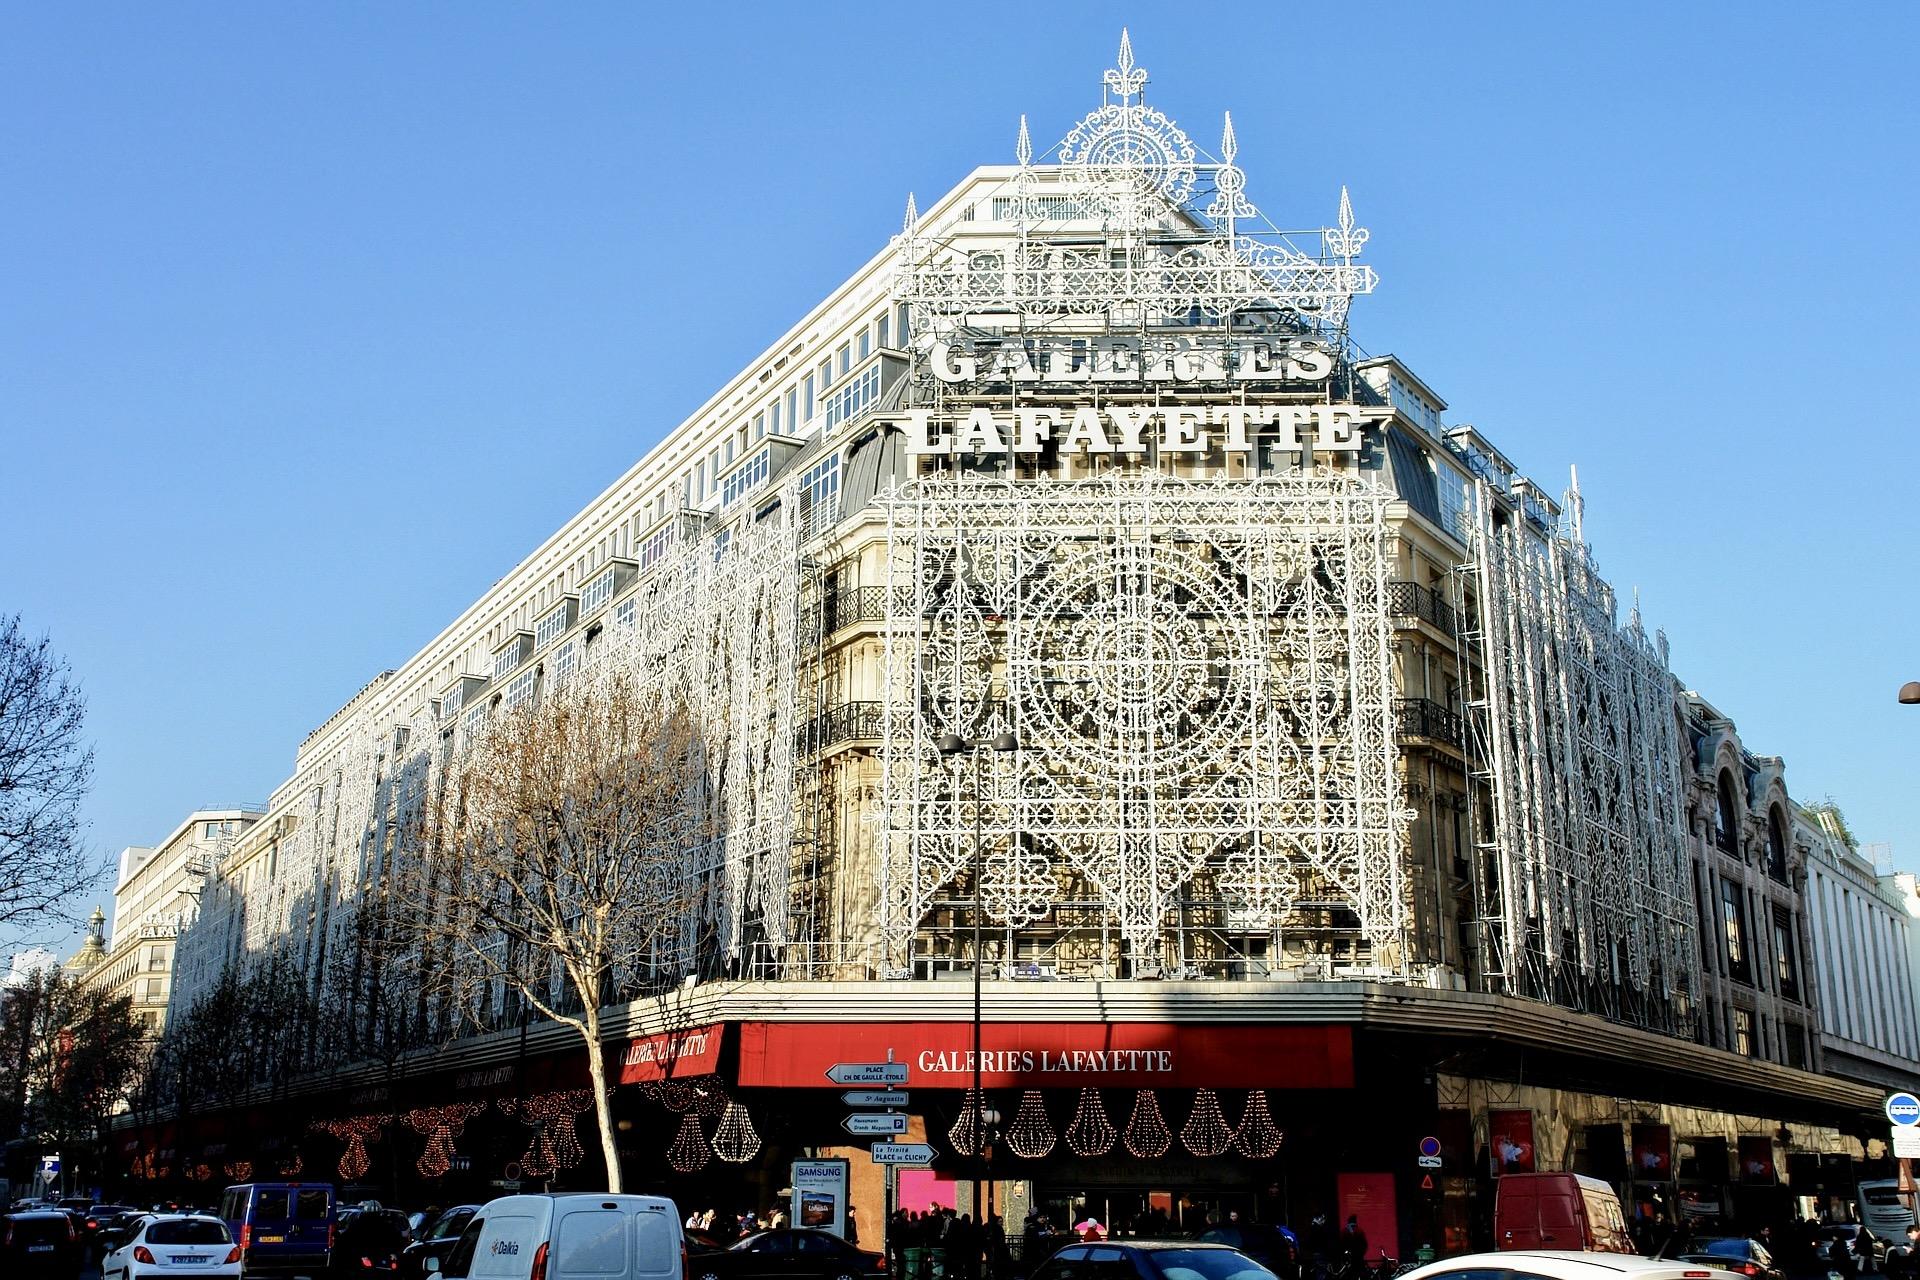 Auch die Galeries Lafayette gehört zu den Paris Sehenswürdigkeiten